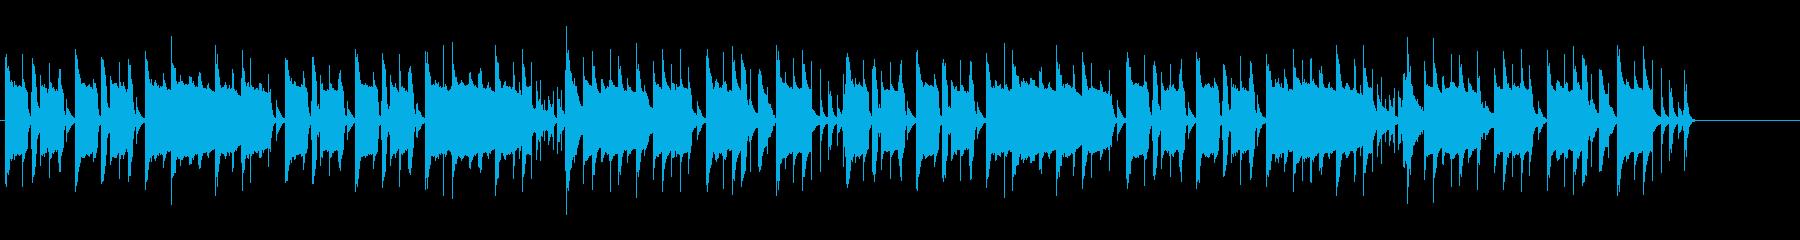 間抜けなリコーダーBGMの再生済みの波形